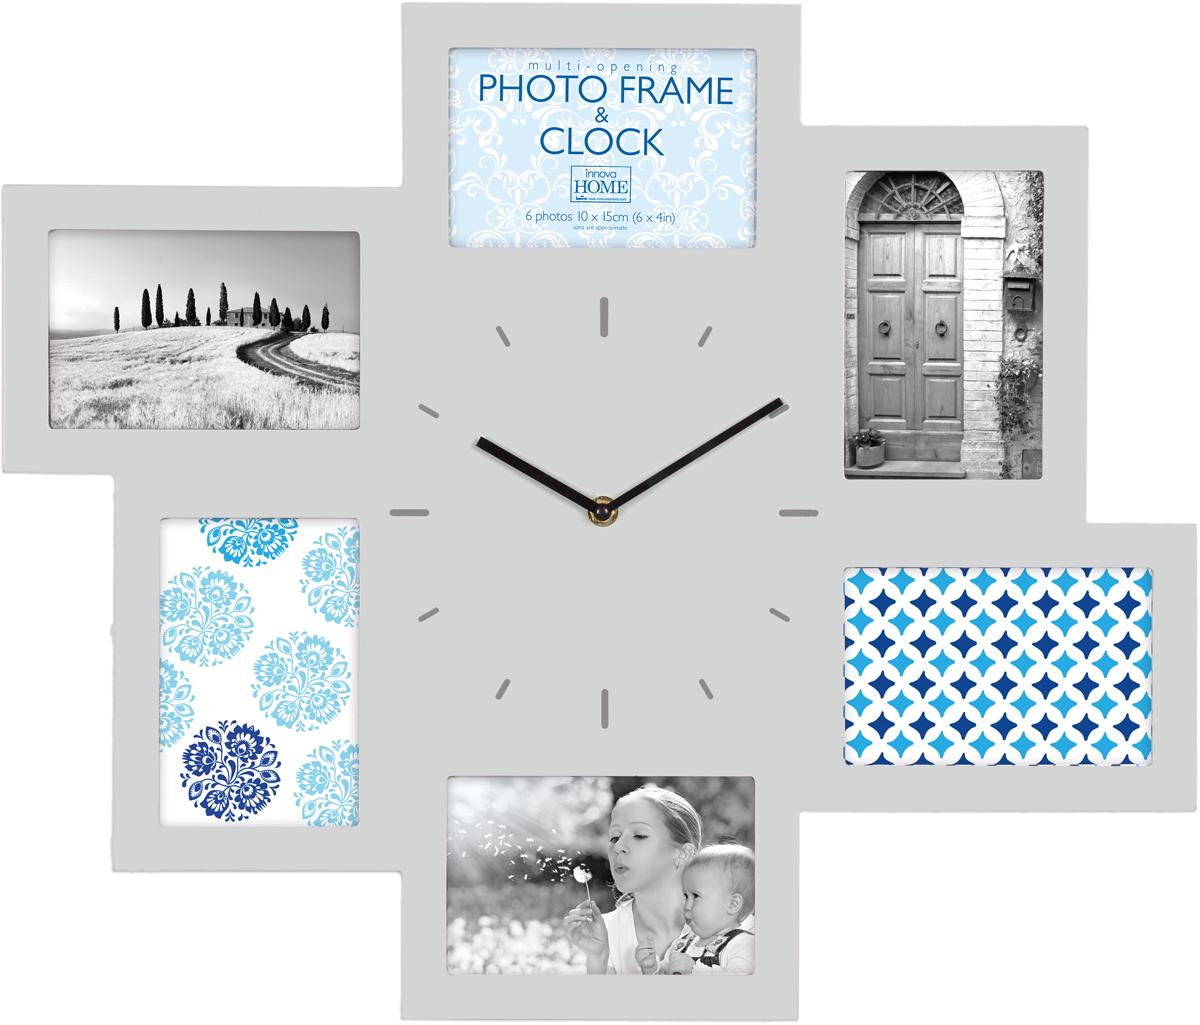 Часы-мультирамка Innova W07369, на 6 фото 10х15, цвет: серый, 46 x 54 см мультирамка мультисердце 7 фото белая